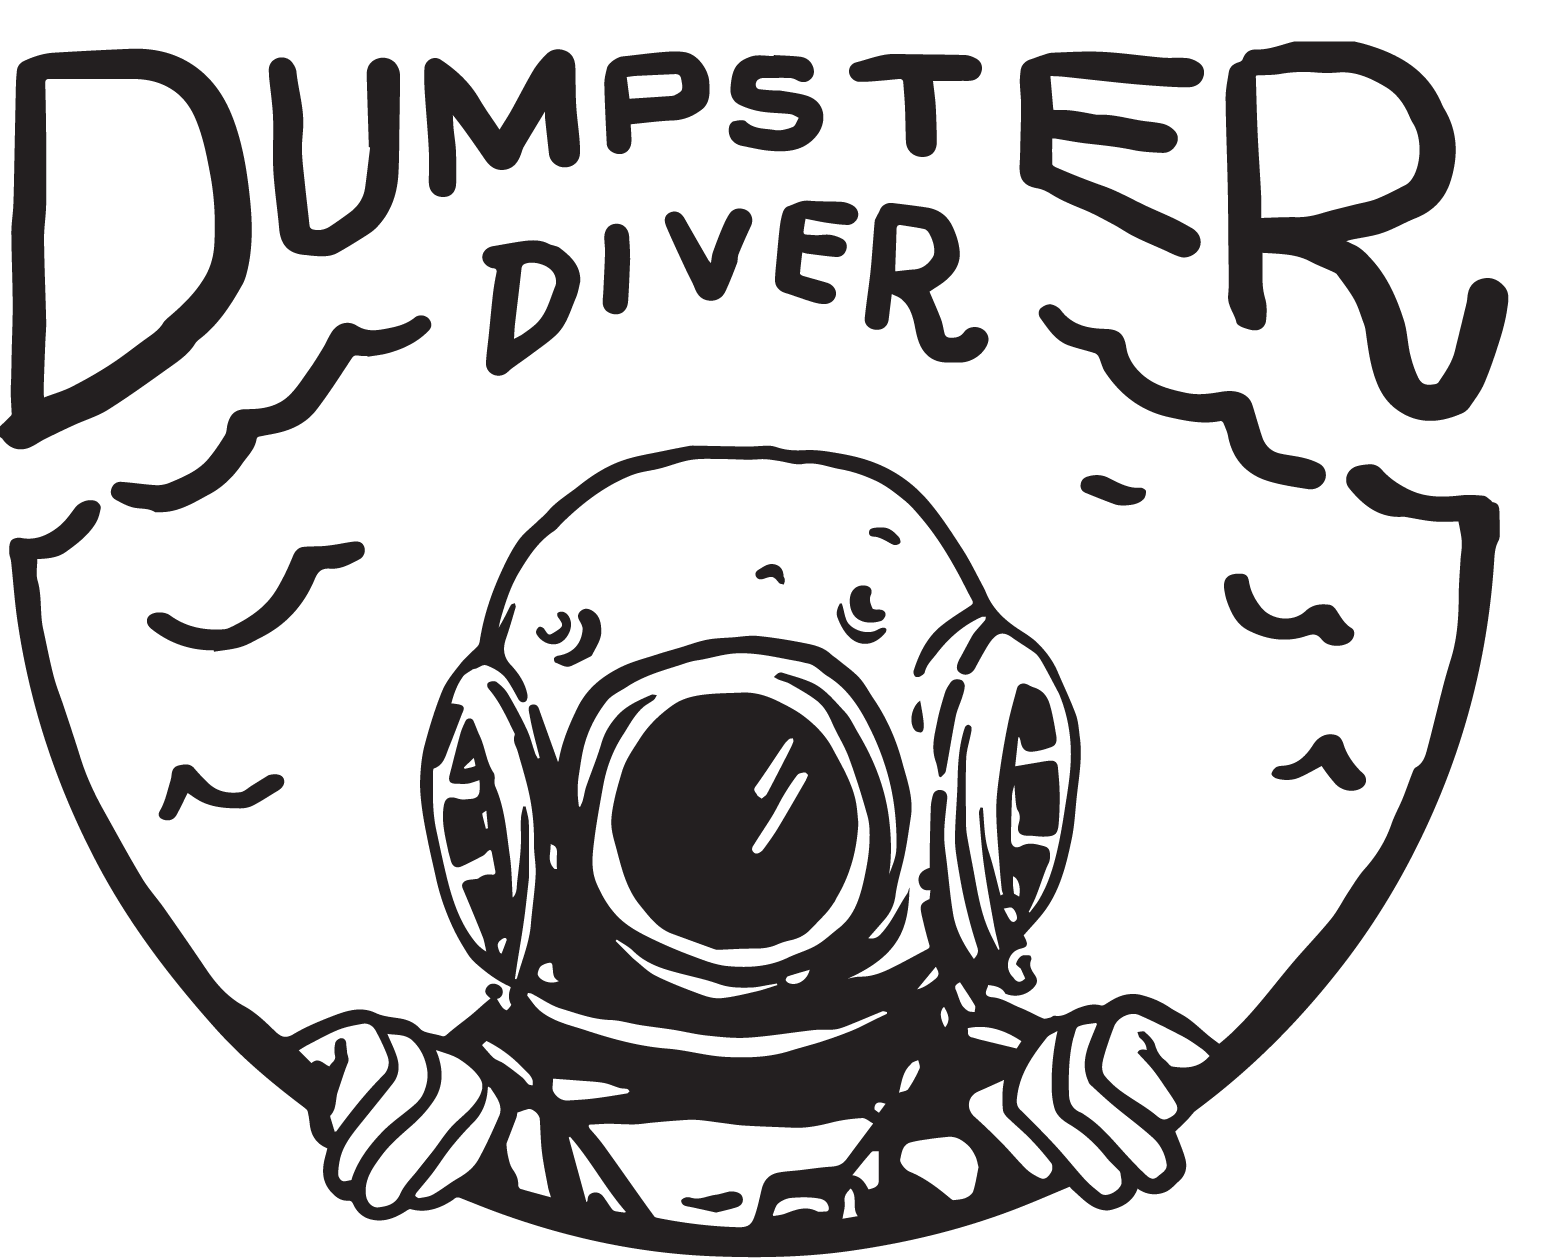 Dumpster Diver Logo